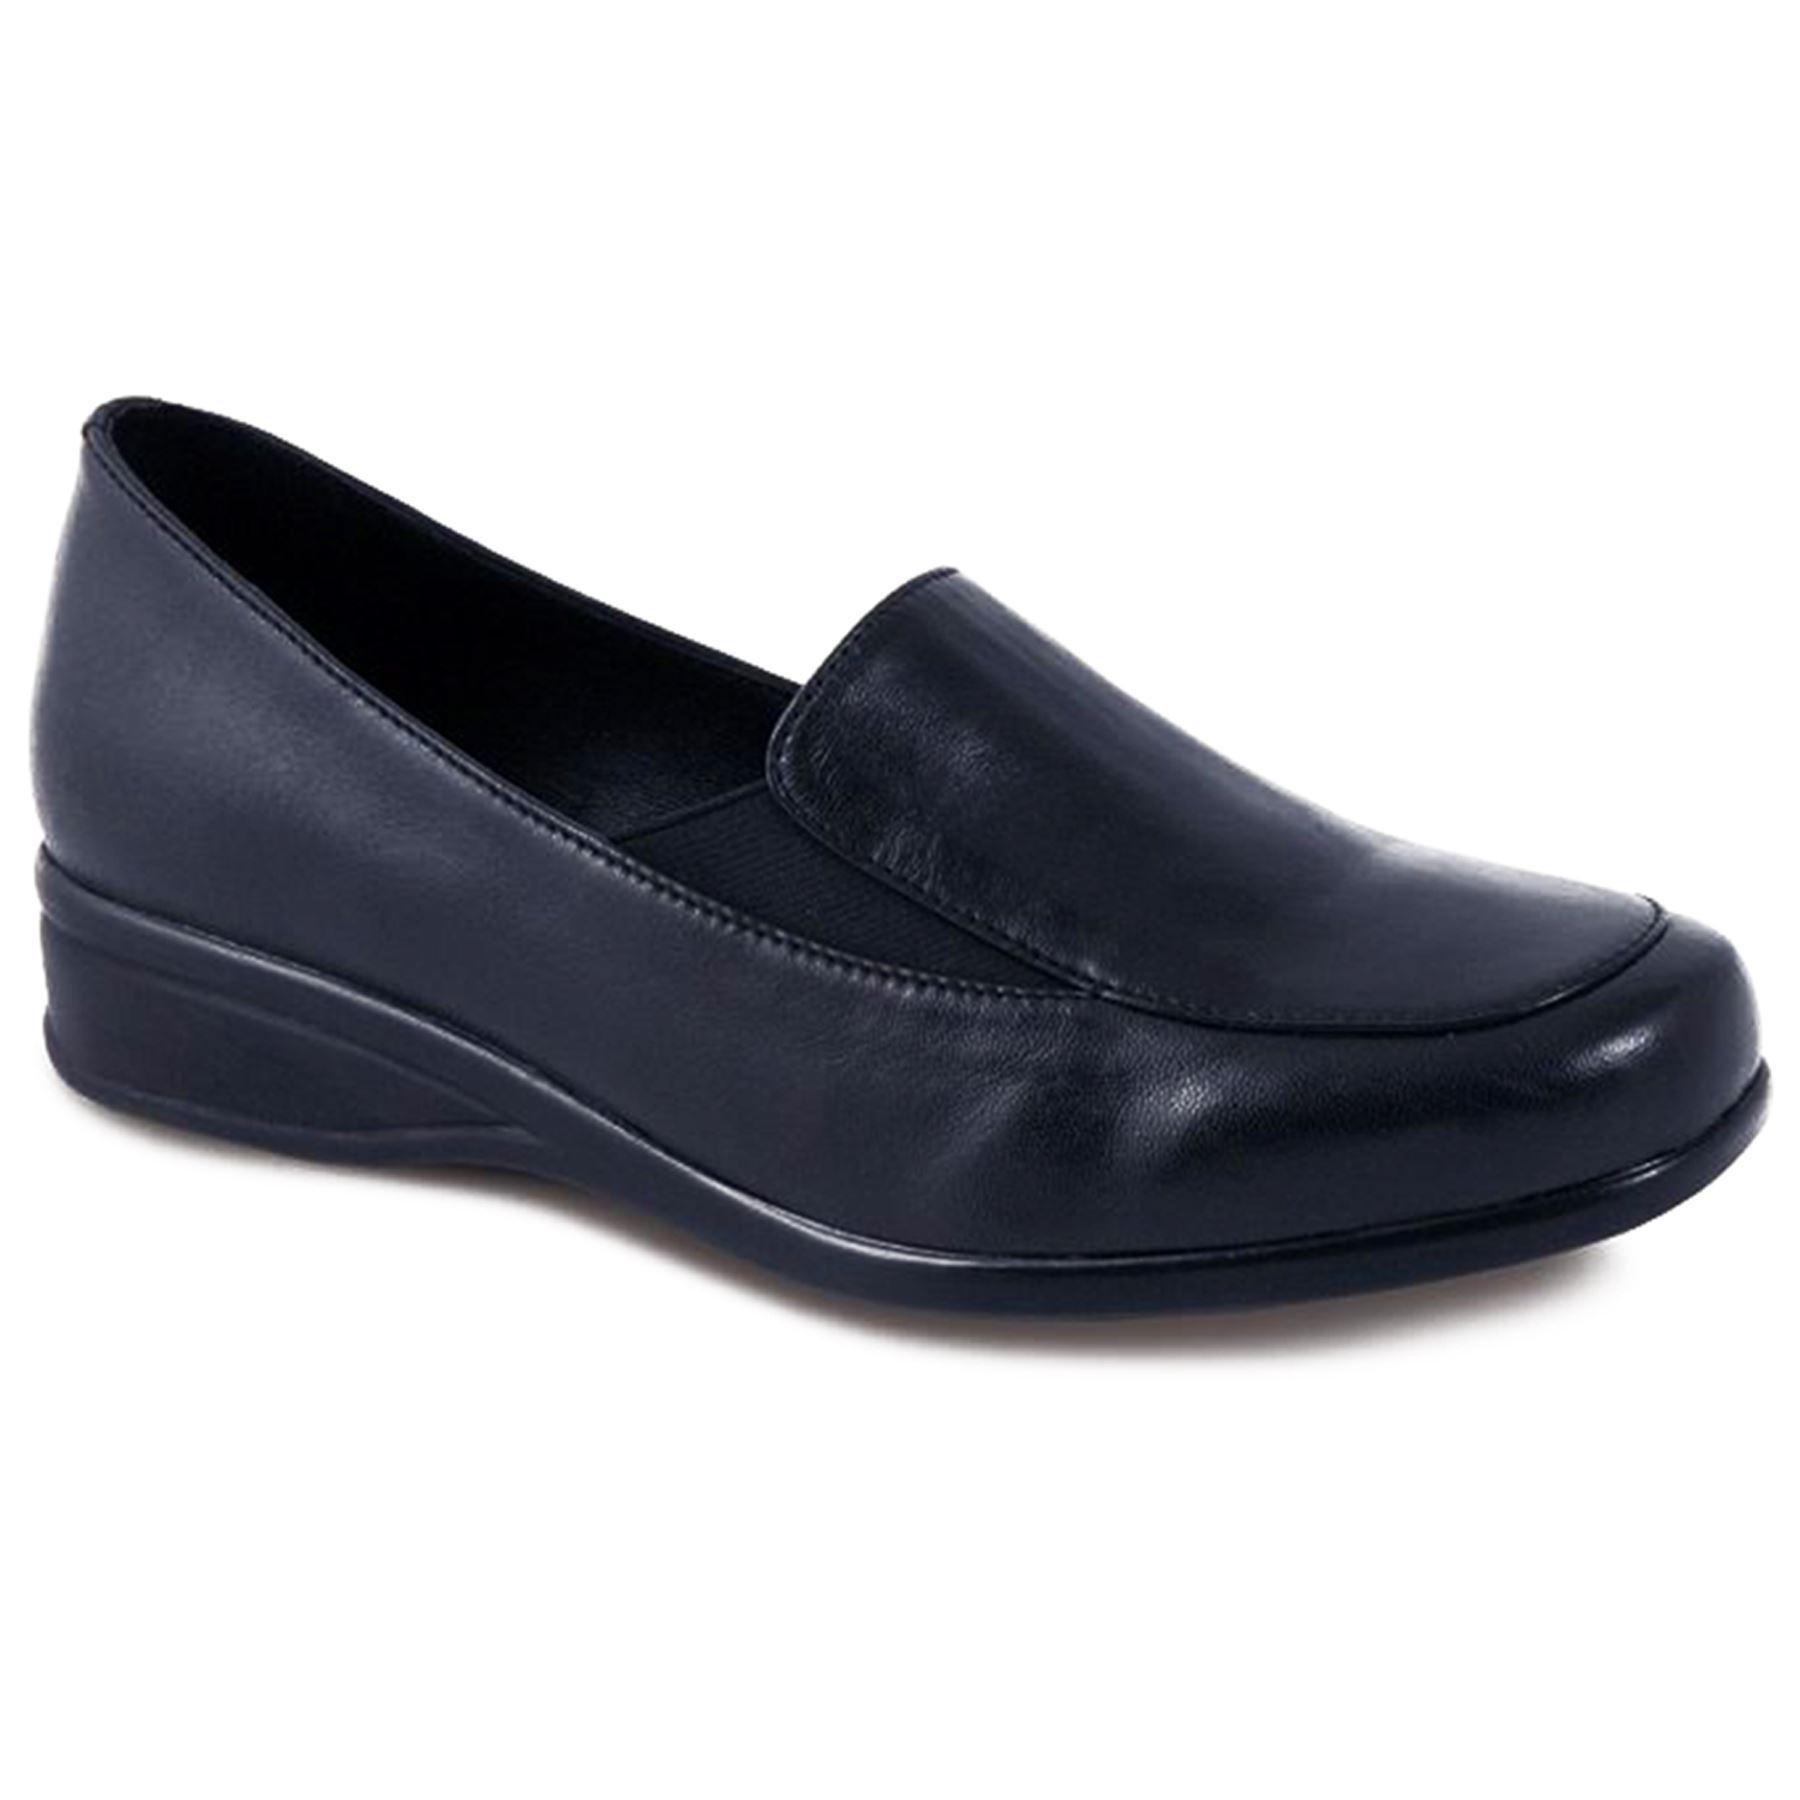 Kleine Damen Damen Keil schwarz Zinn Leder Damen Damen bequem breite Passform Schuhe 6d7b3d